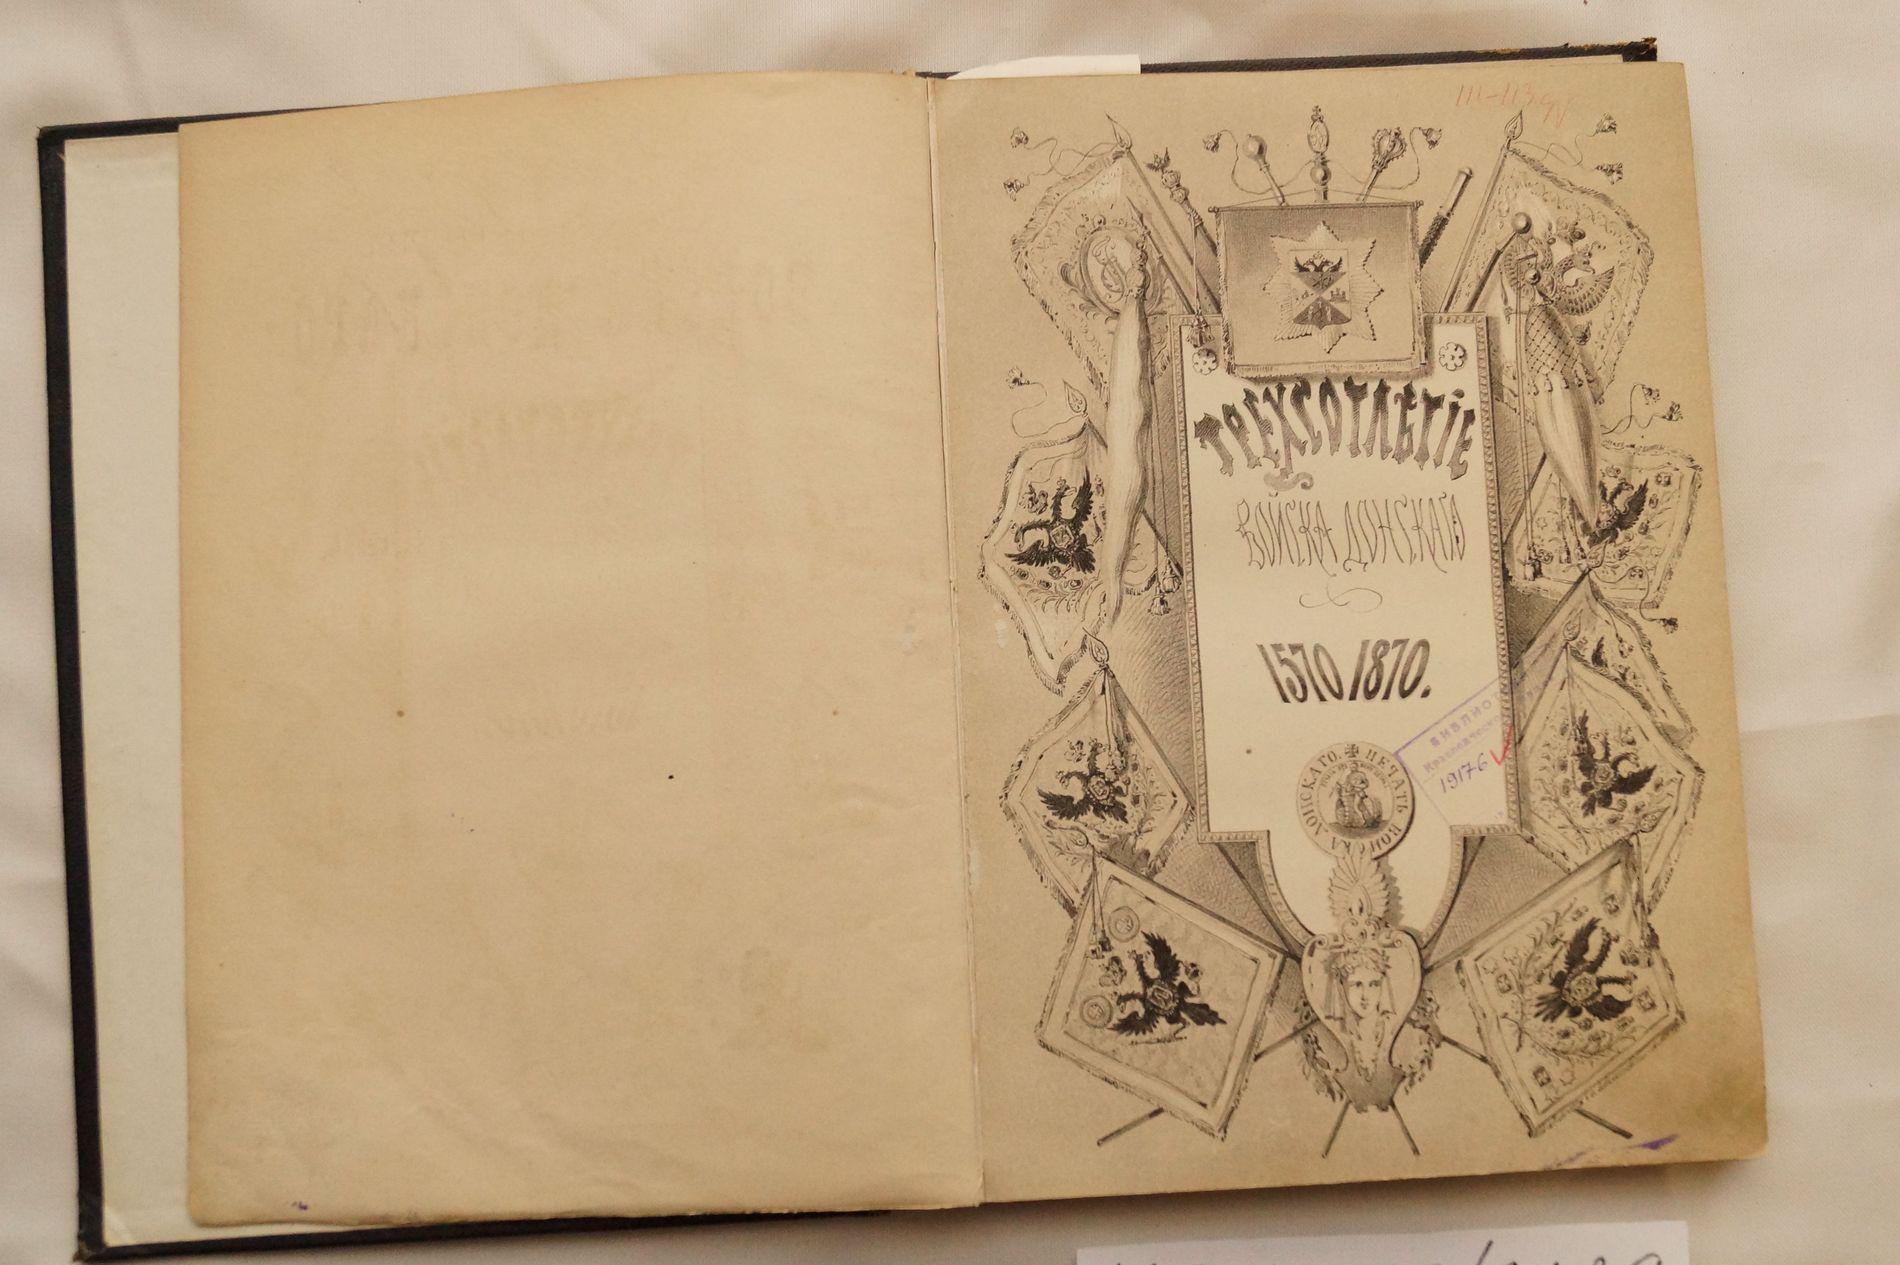 А. Савельев. Трехсотлетие Войска Донского 1570-1870